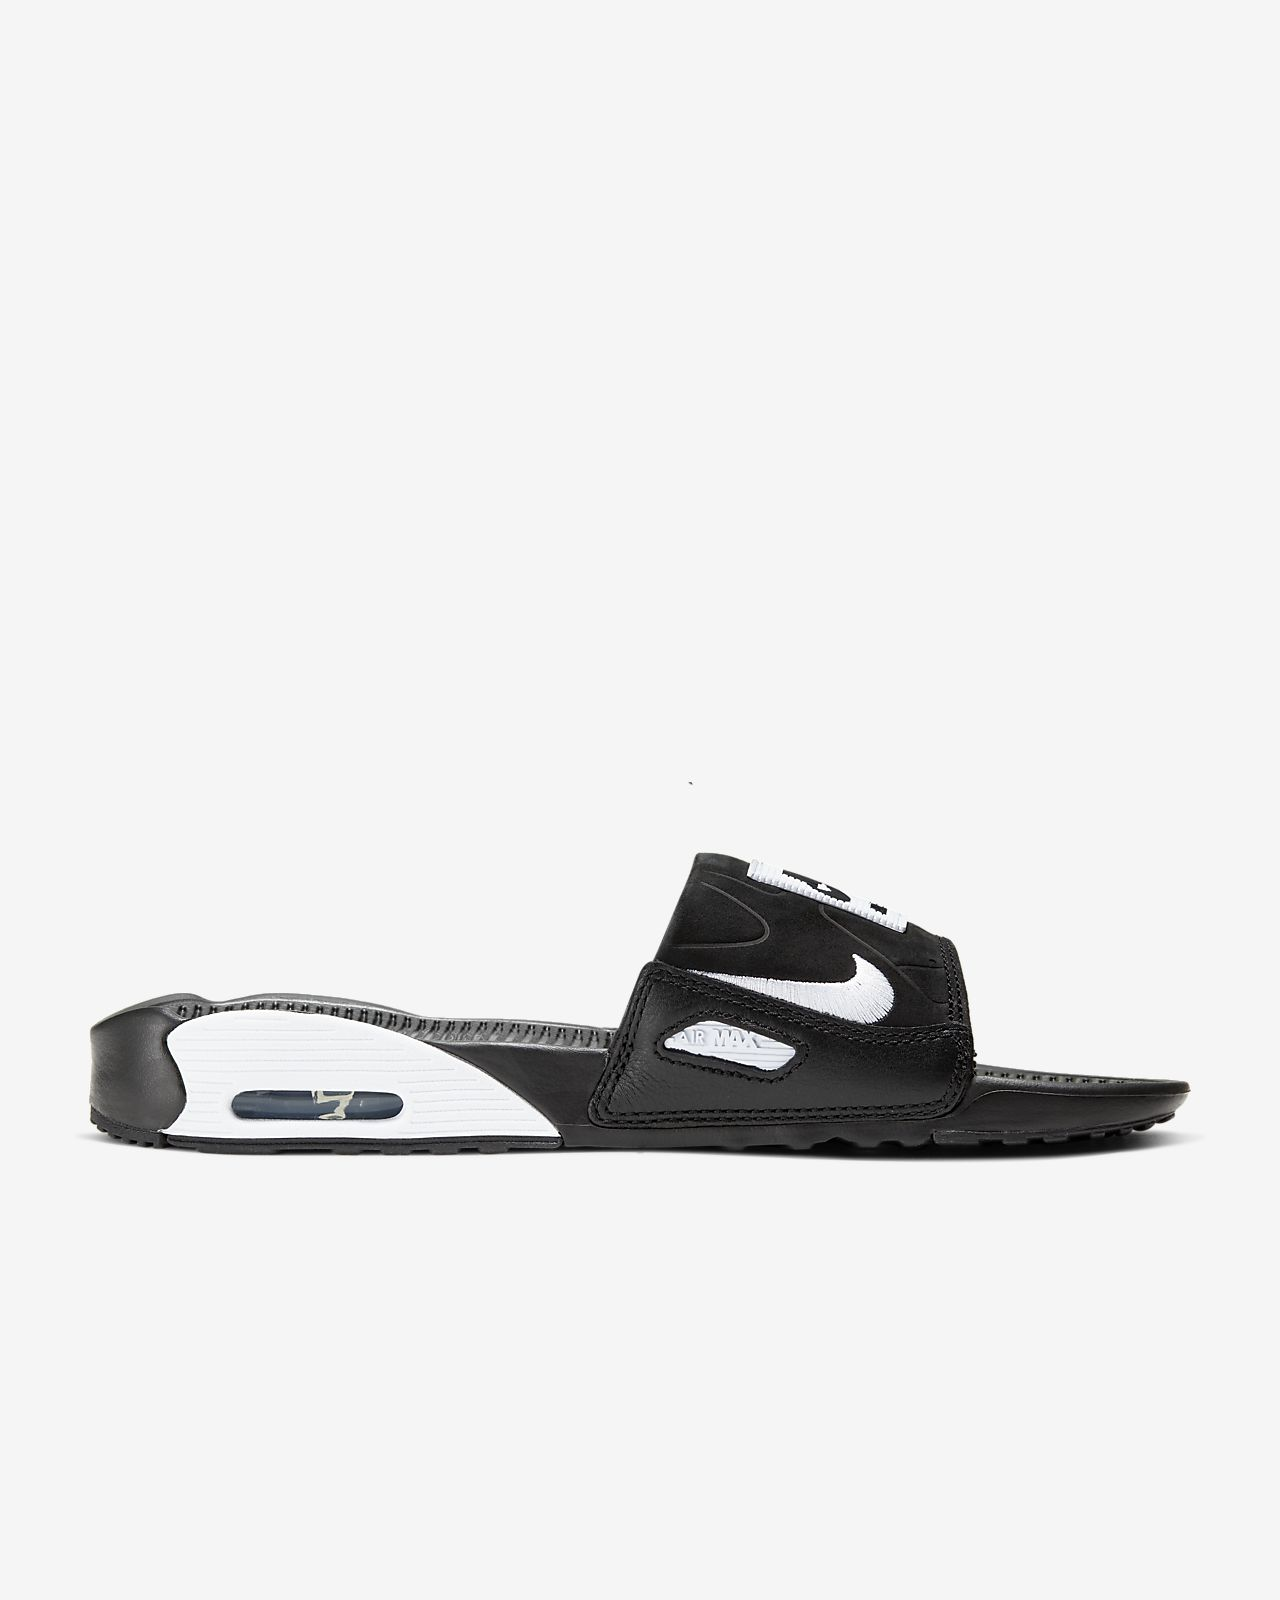 Claquettes Nike Air Max 90 NoirBlanc